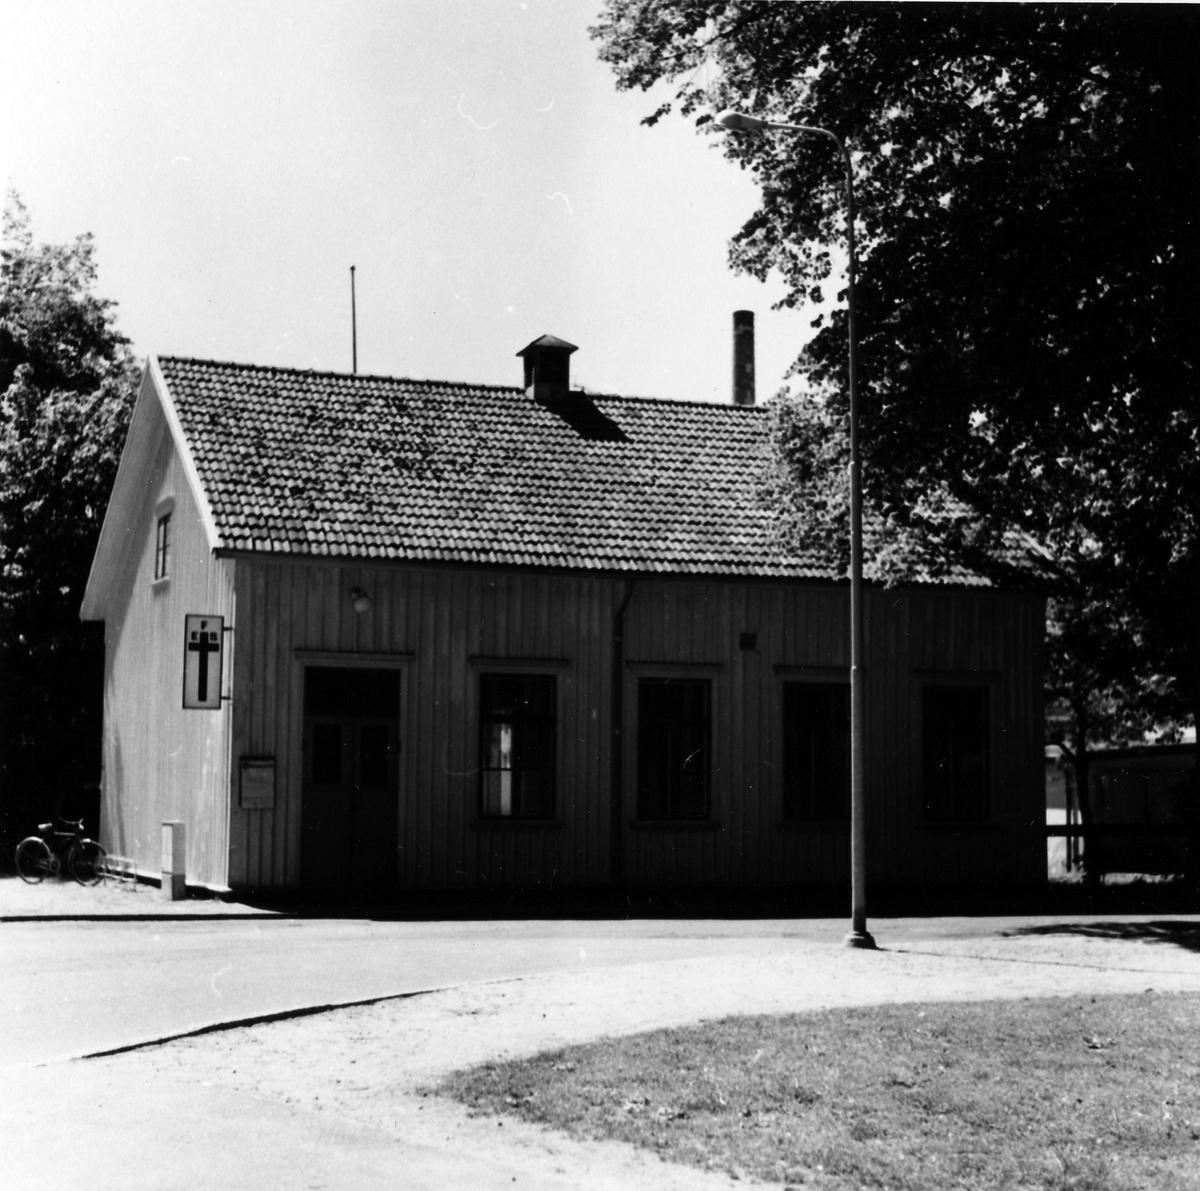 EFS kyrkans byggnad i kvarteret Älgen 6 vid Norra Ringgatan. Ett trähus med vit skylt, på vänstra gaveln, föreställande ett svart kors med EFS skrivet på korsets övre del.